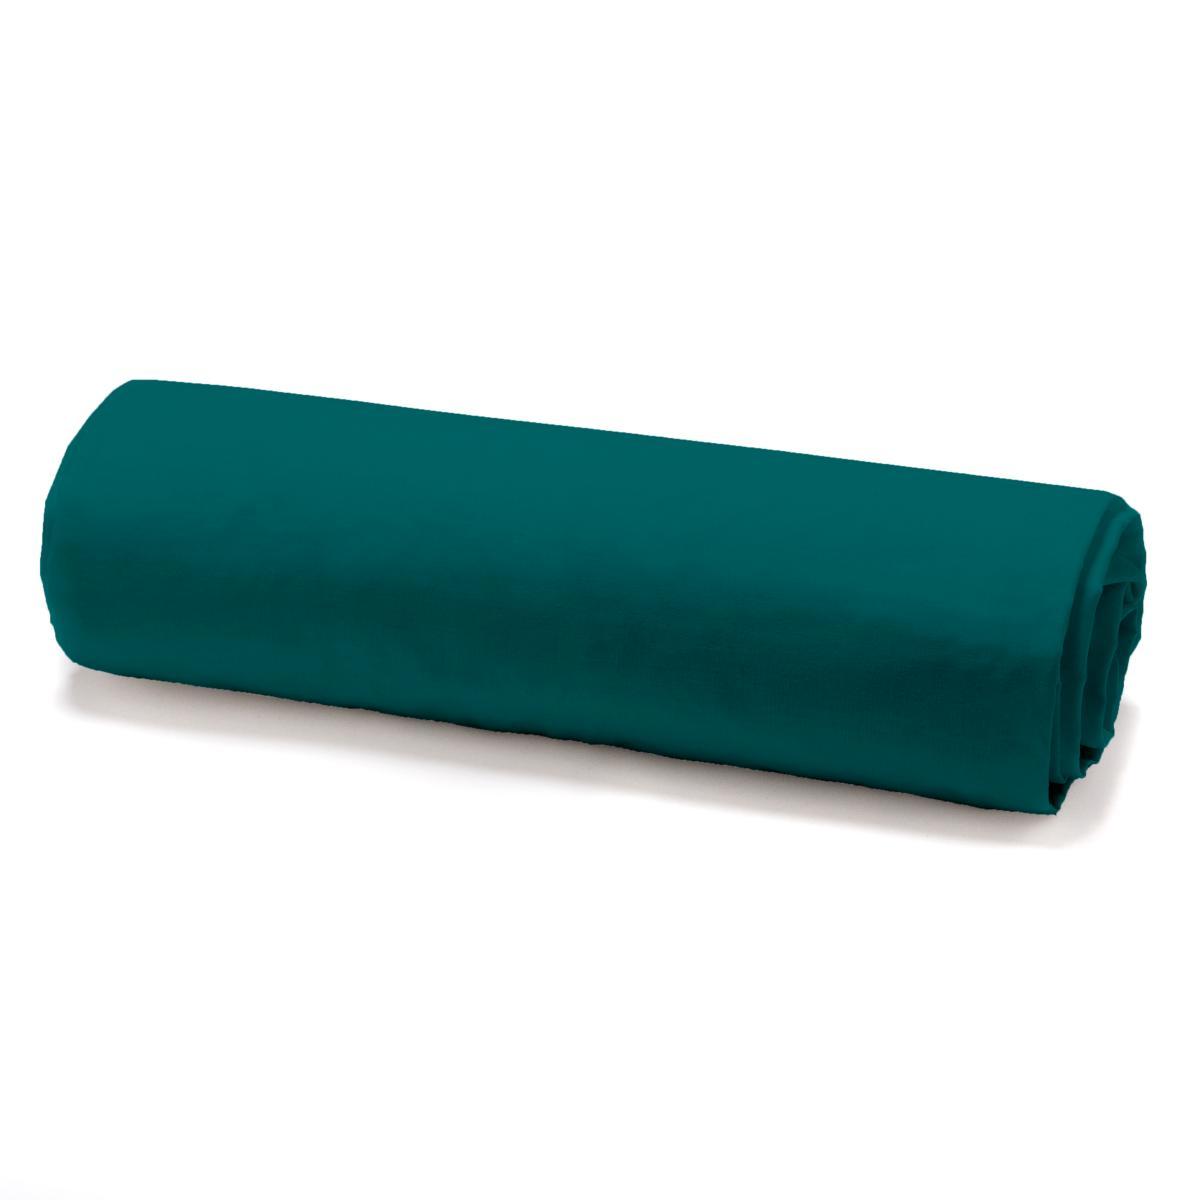 drap housse vert emeraude 140x190cm 100 coton j k markets. Black Bedroom Furniture Sets. Home Design Ideas